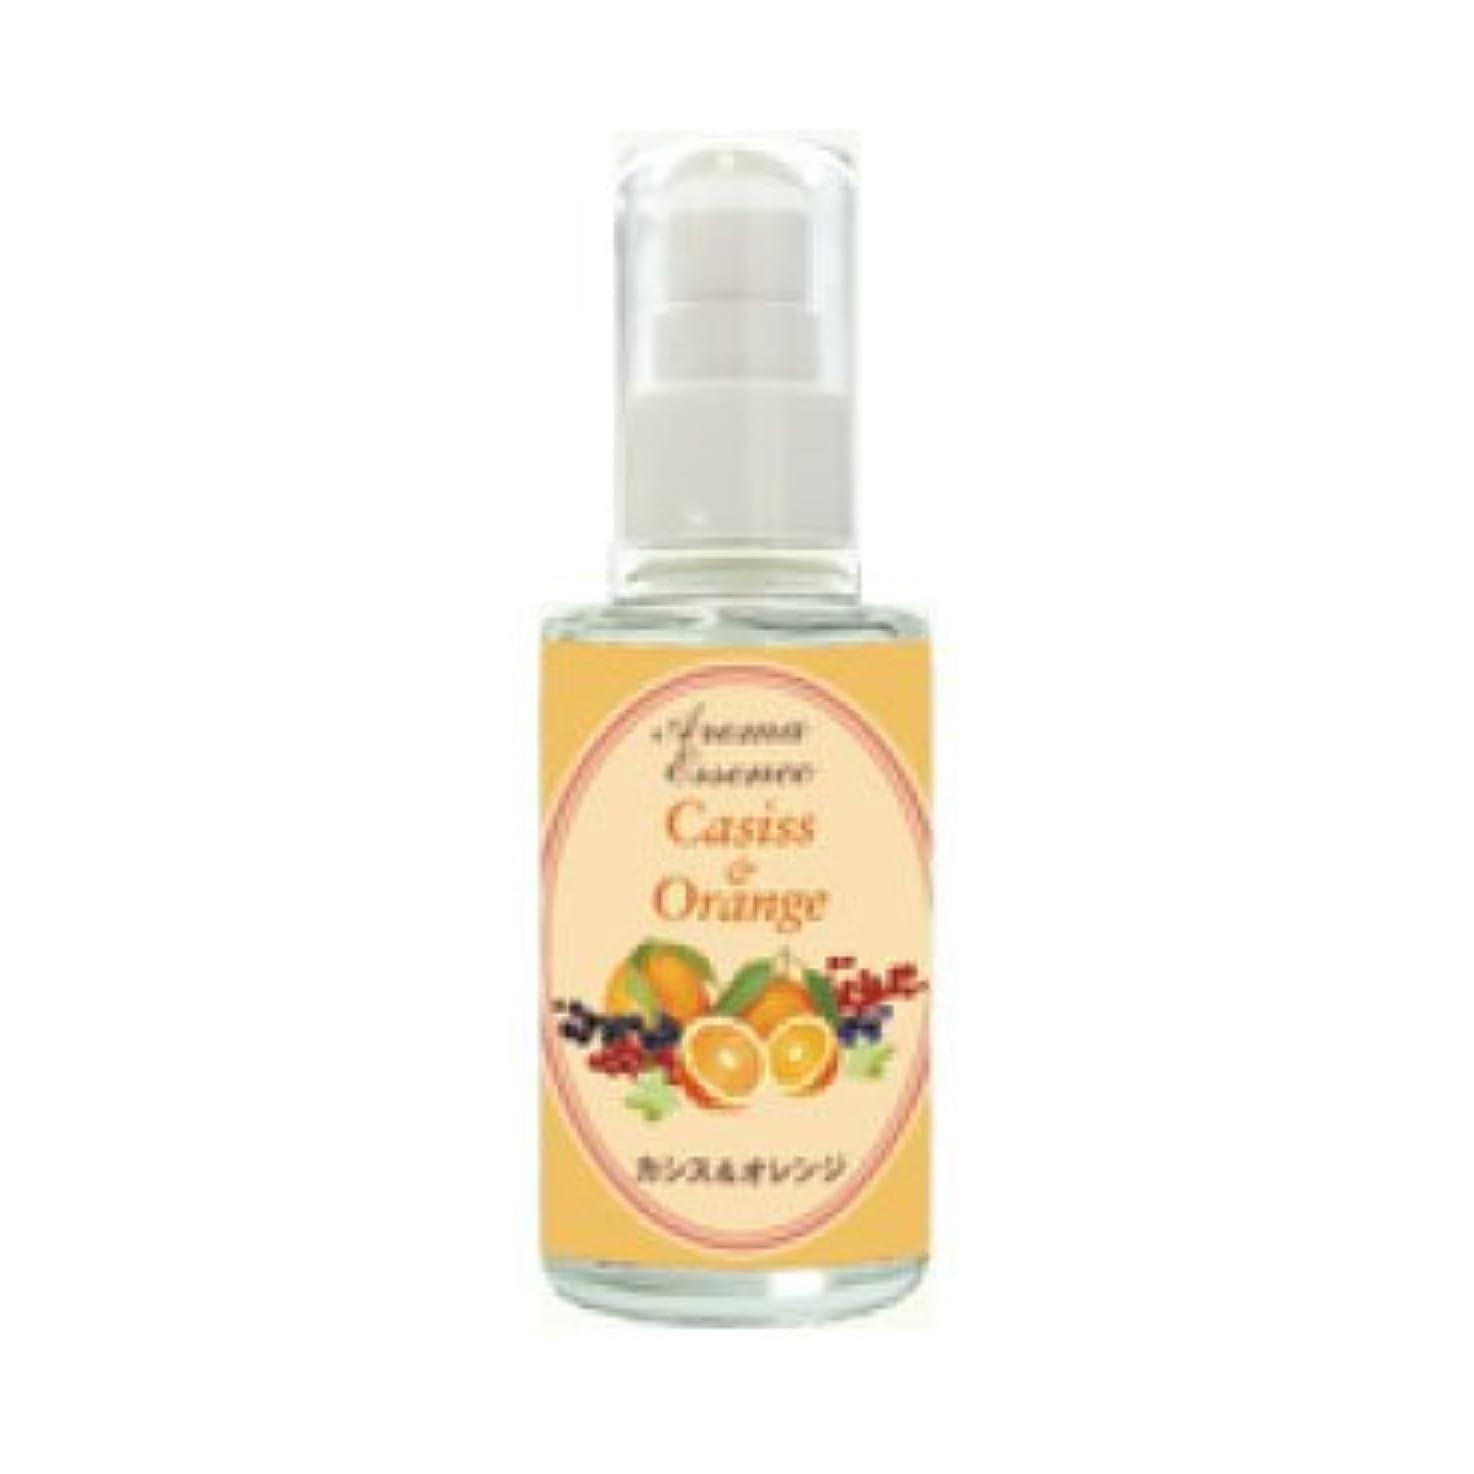 のため間違えた土Aroma Essence アロマエッセンス フルーツ系 09 カシス&オレンジ 50ml